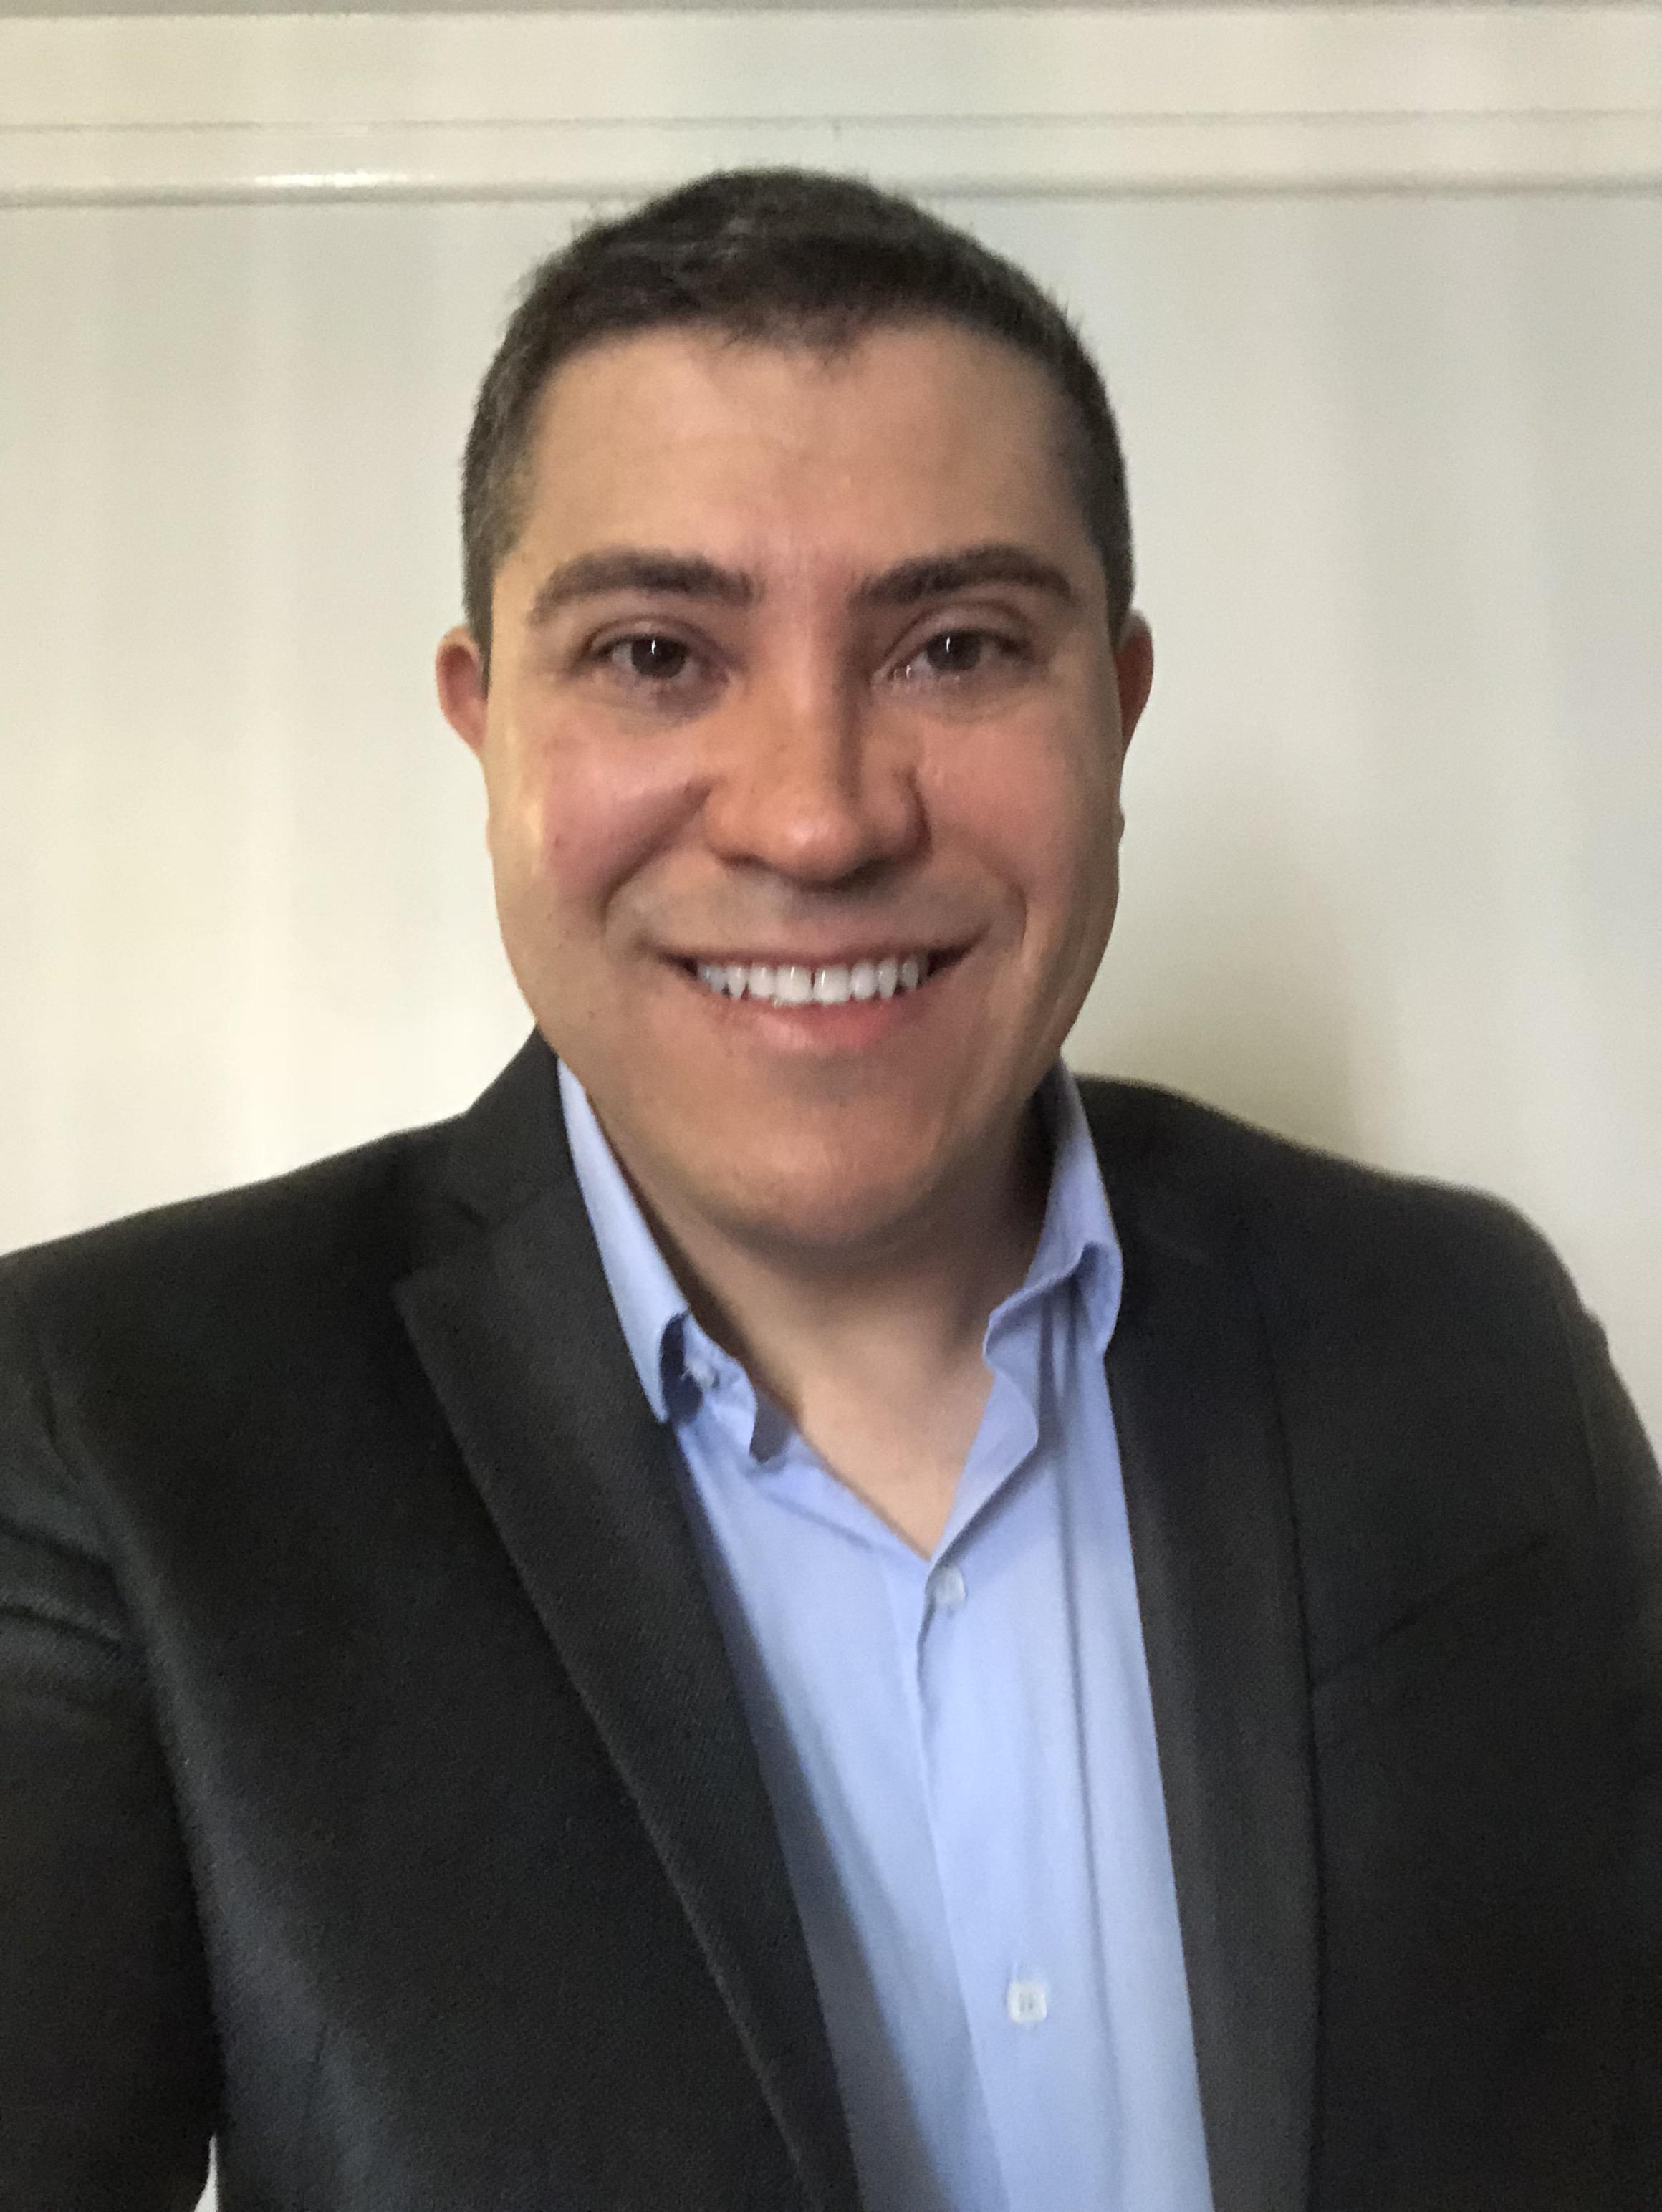 Andre Tasca